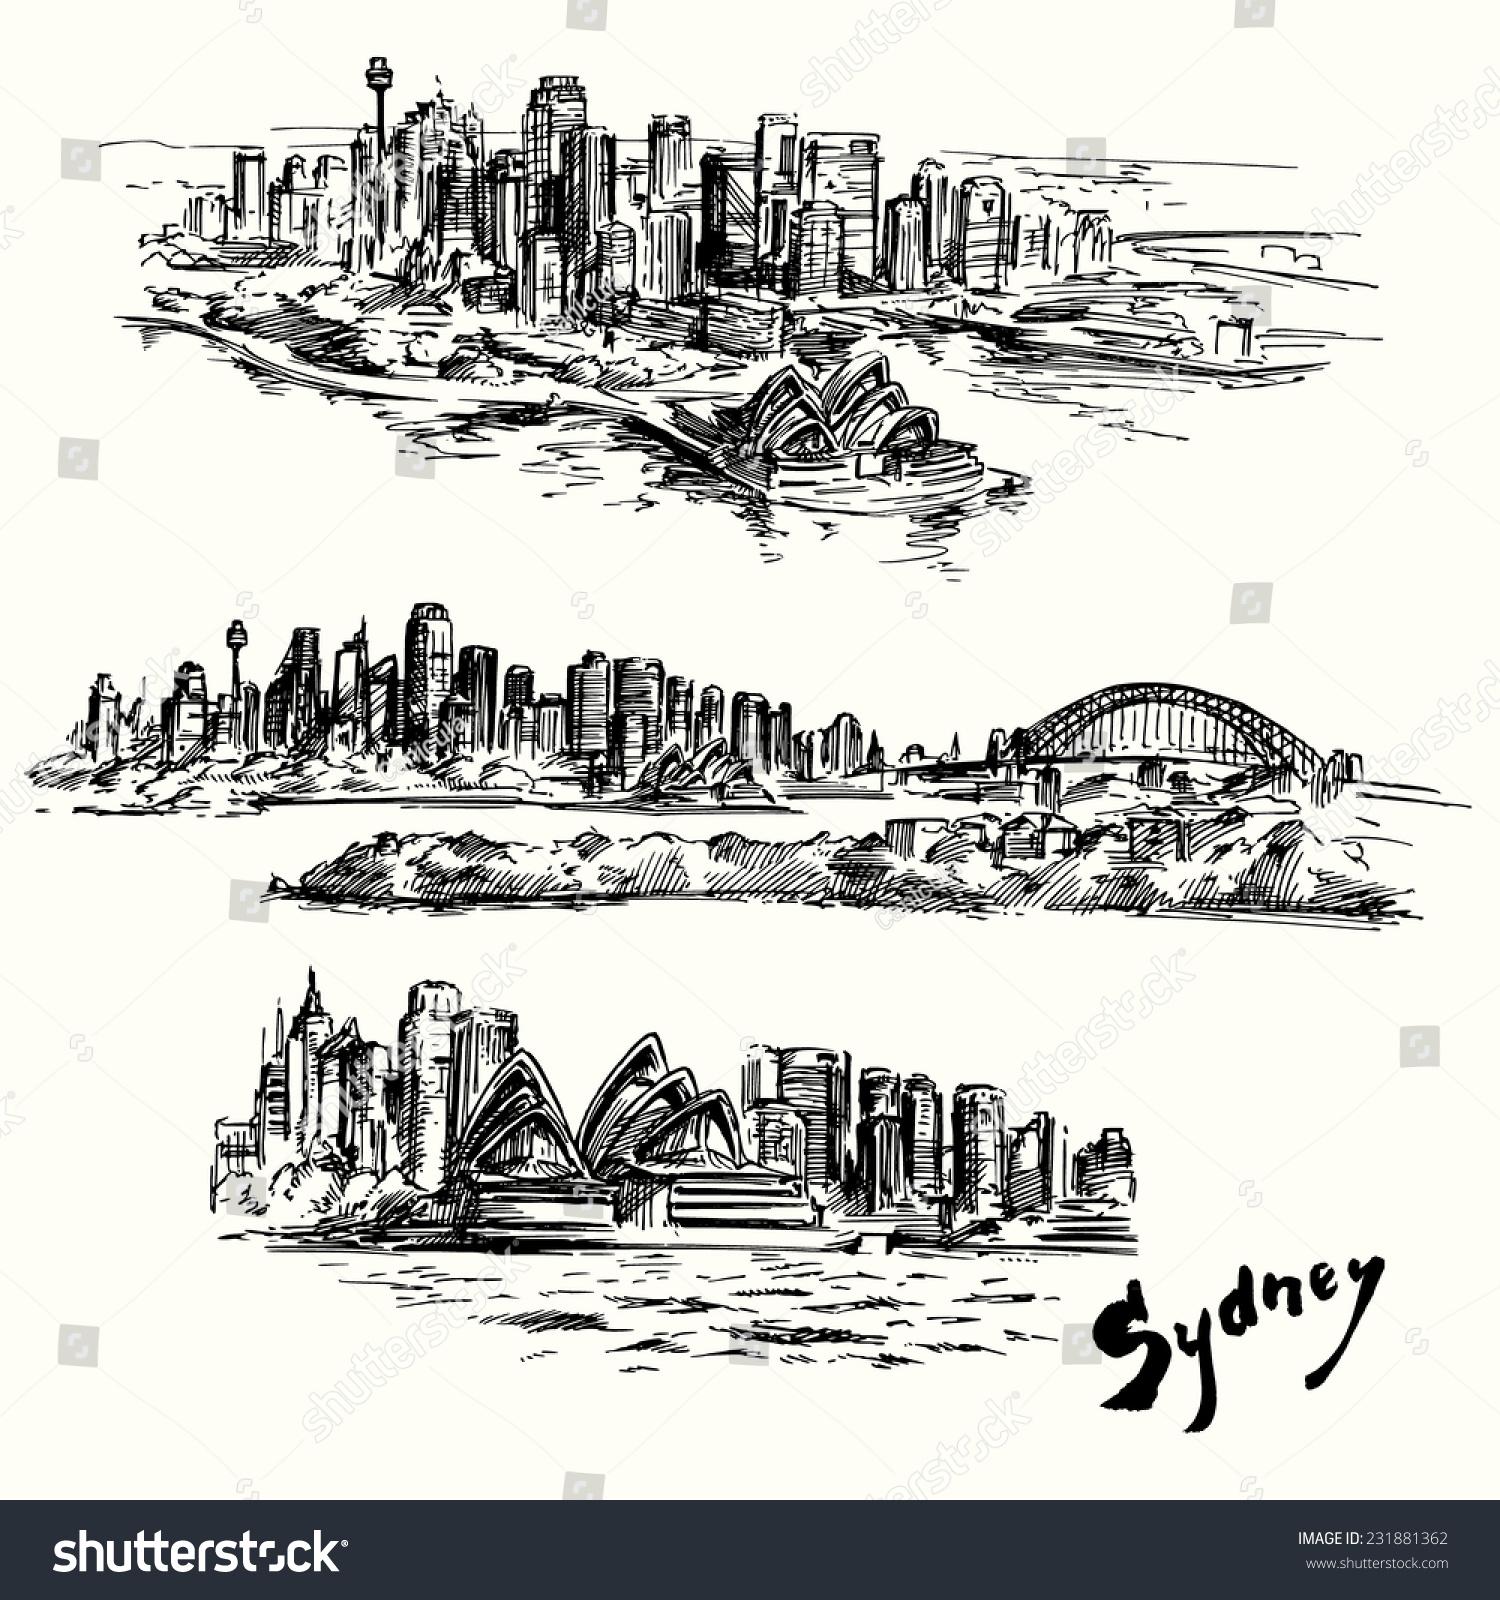 悉尼-手绘集合-建筑物/地标,背景/素材-海洛创意()-合